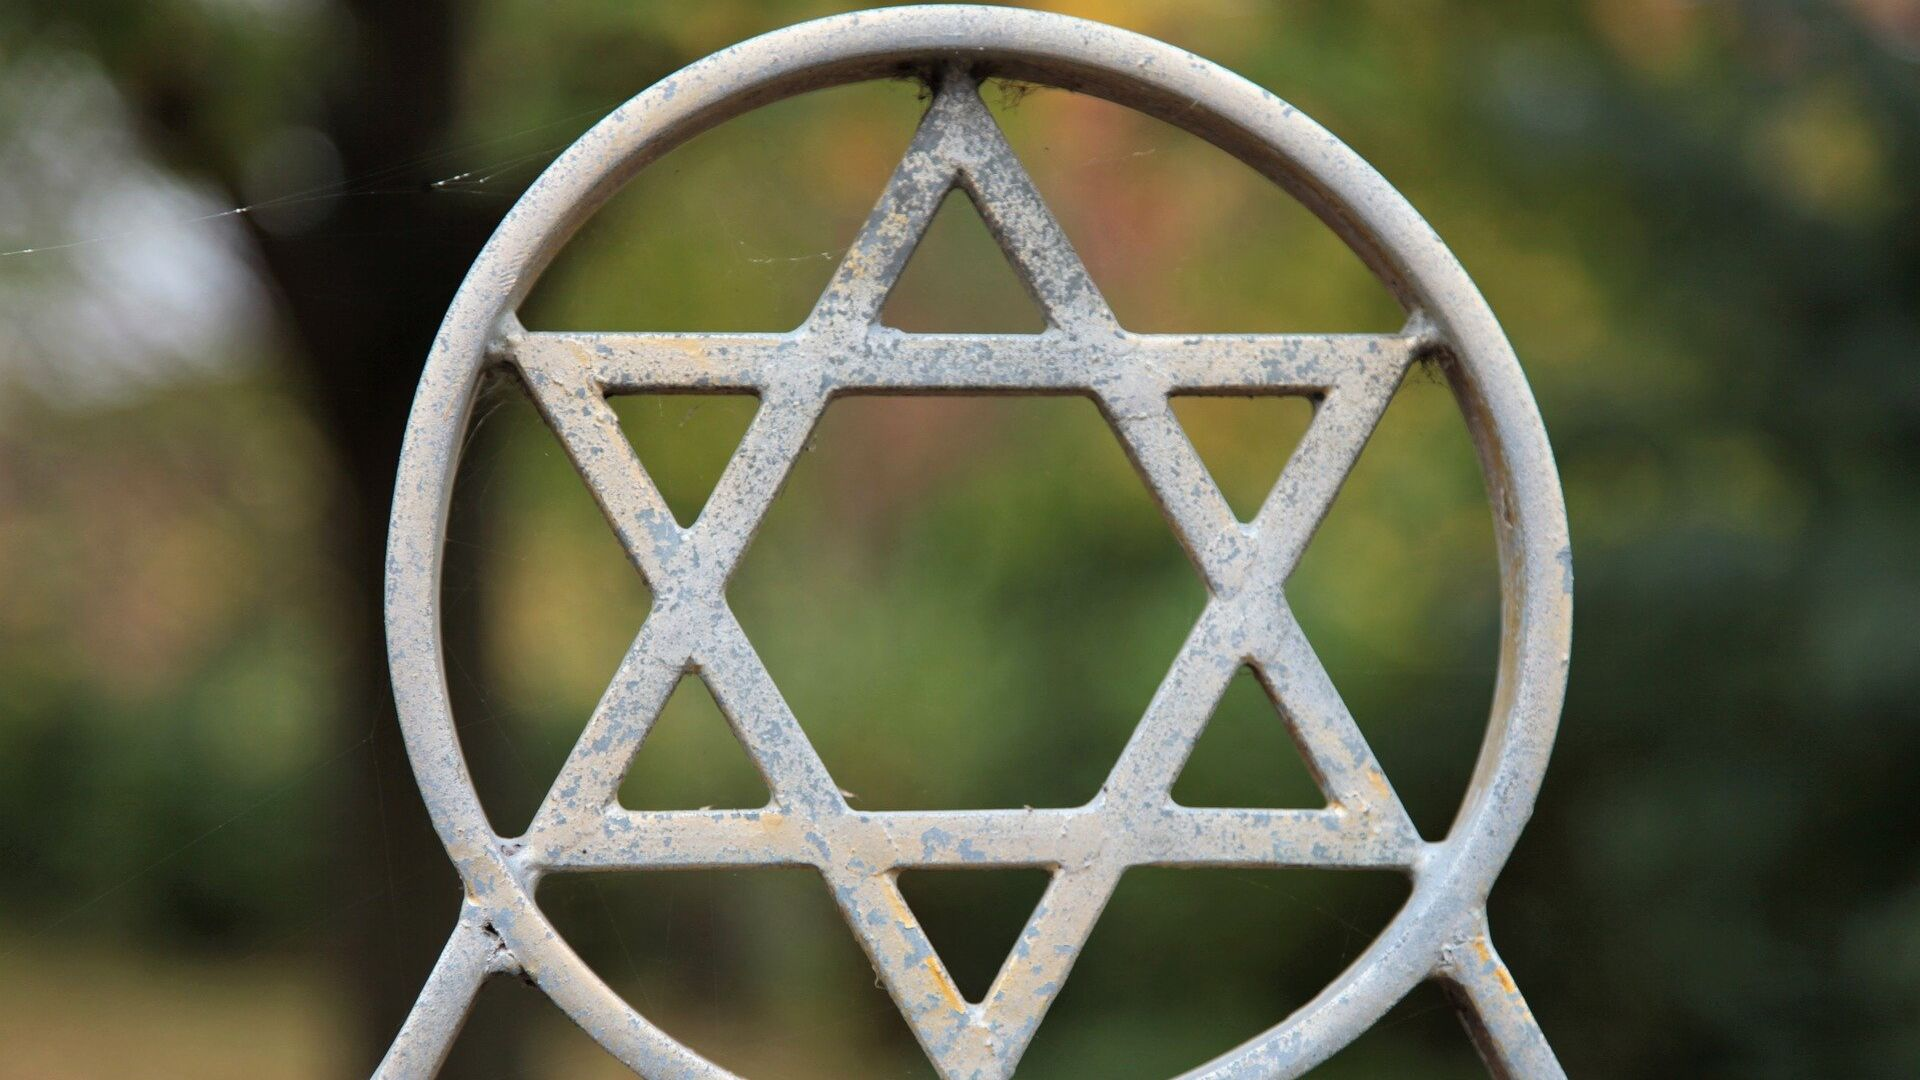 Estrella de David, el símbolo de la religión judía - Sputnik Mundo, 1920, 18.05.2021